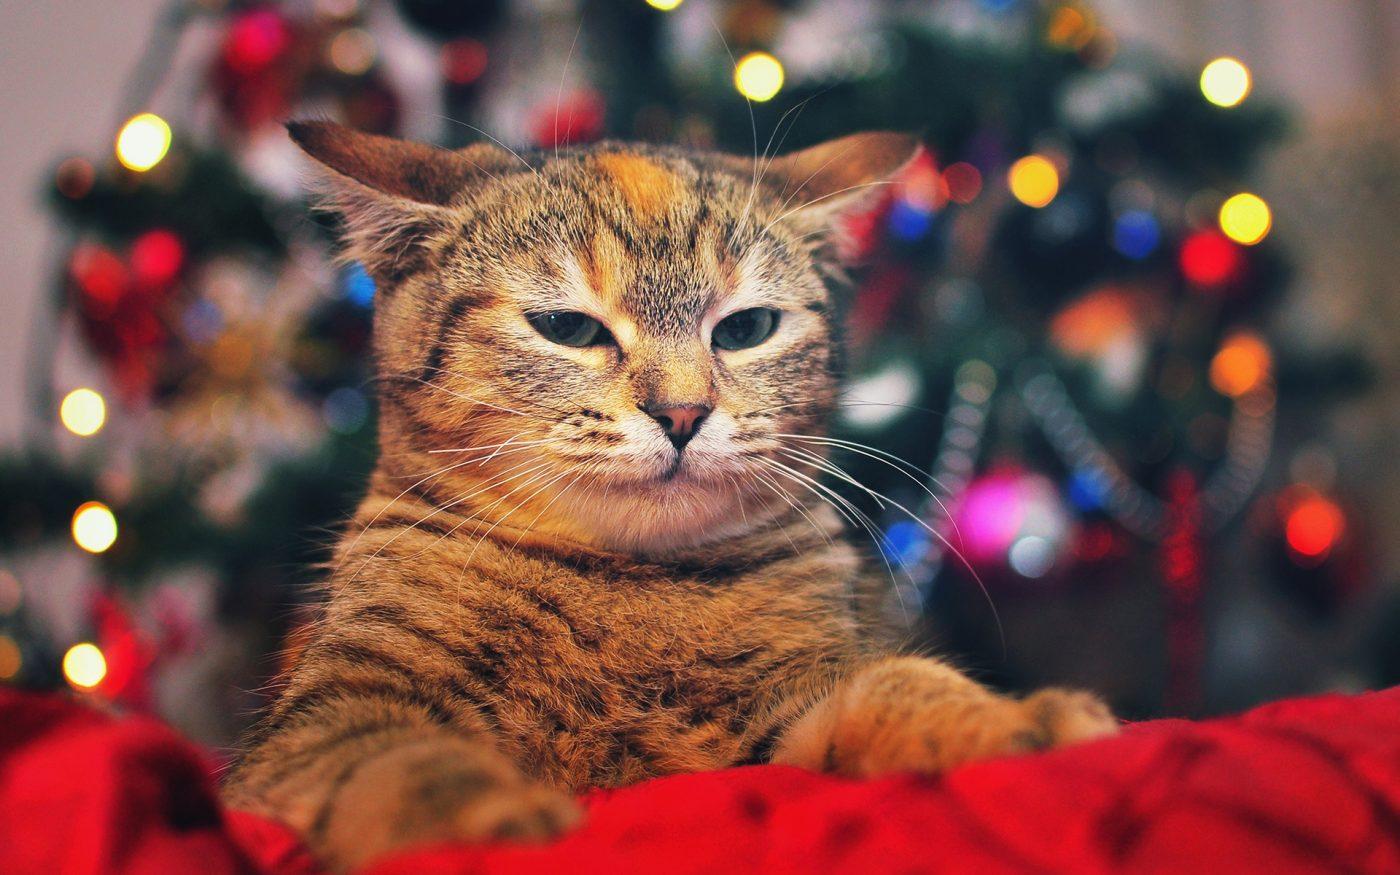 Alla fine, è piú triste Natale o Capodanno?